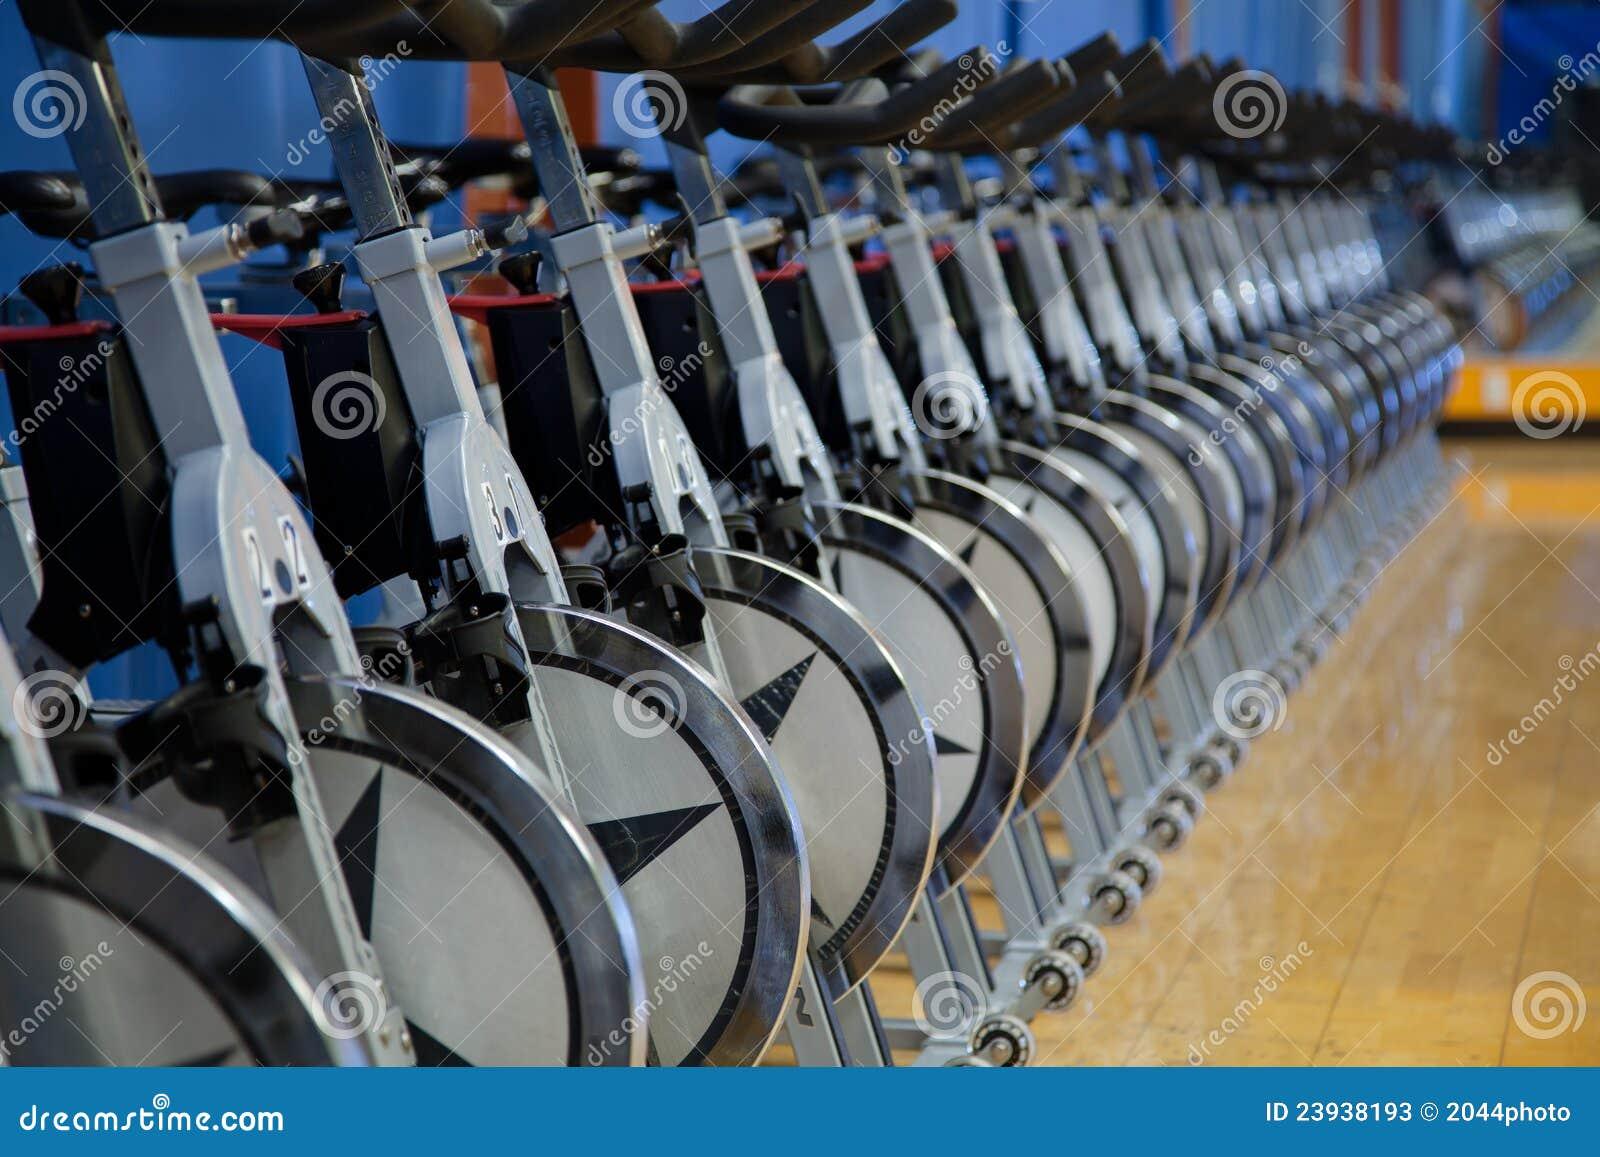 Bicicletas estacionárias da rotação